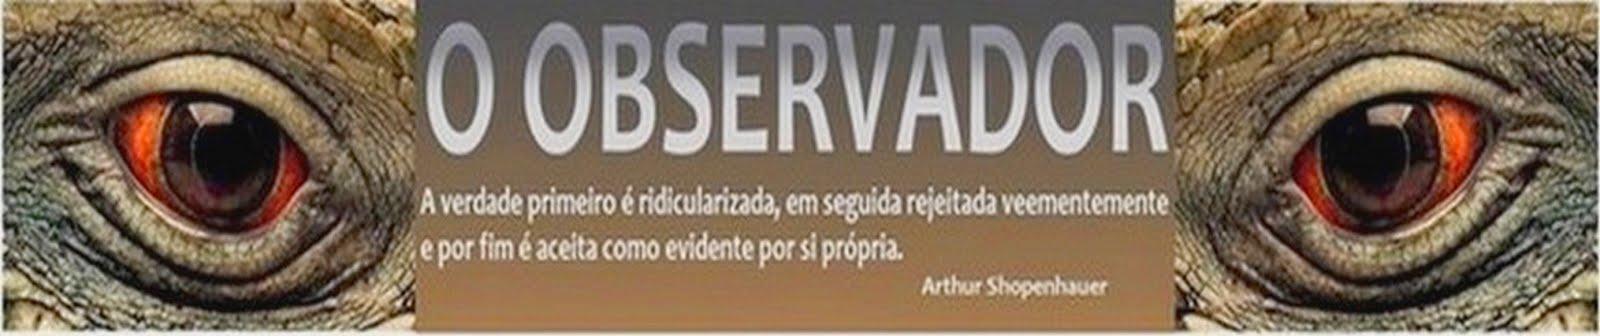 link observador